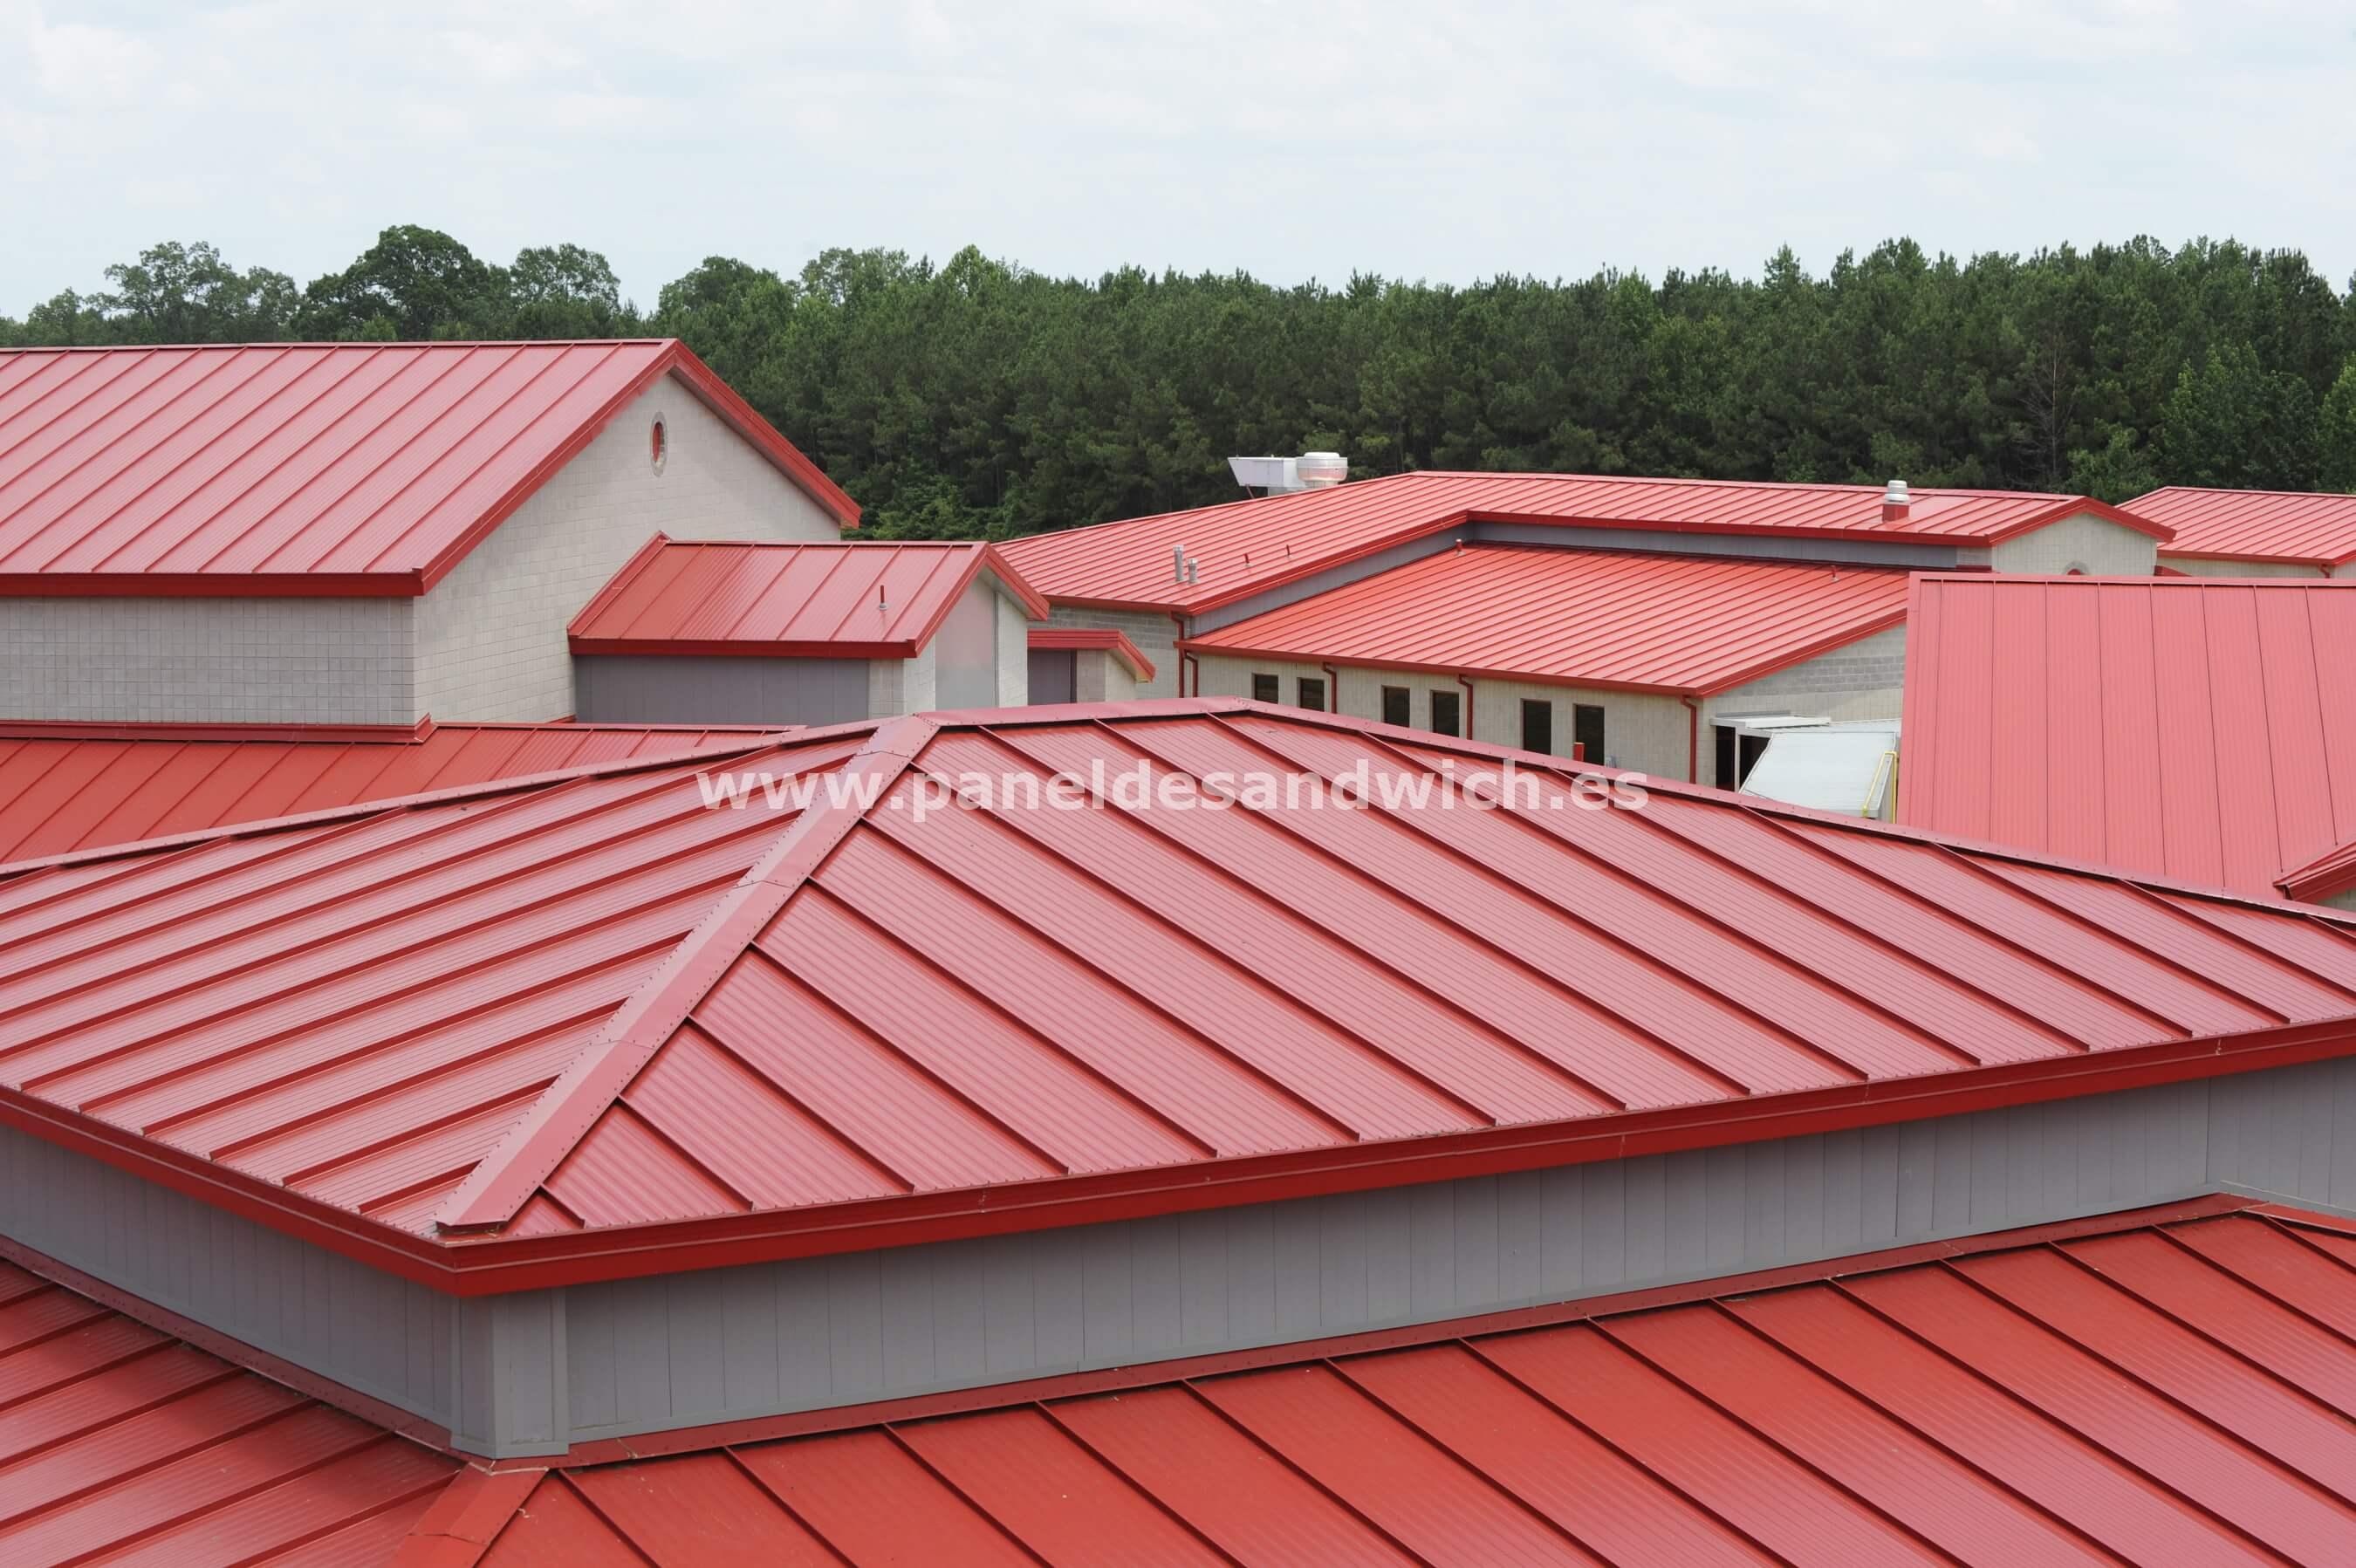 Clases de tejas para tejados perfect limpieza de techos - Clases de tejas para tejados ...